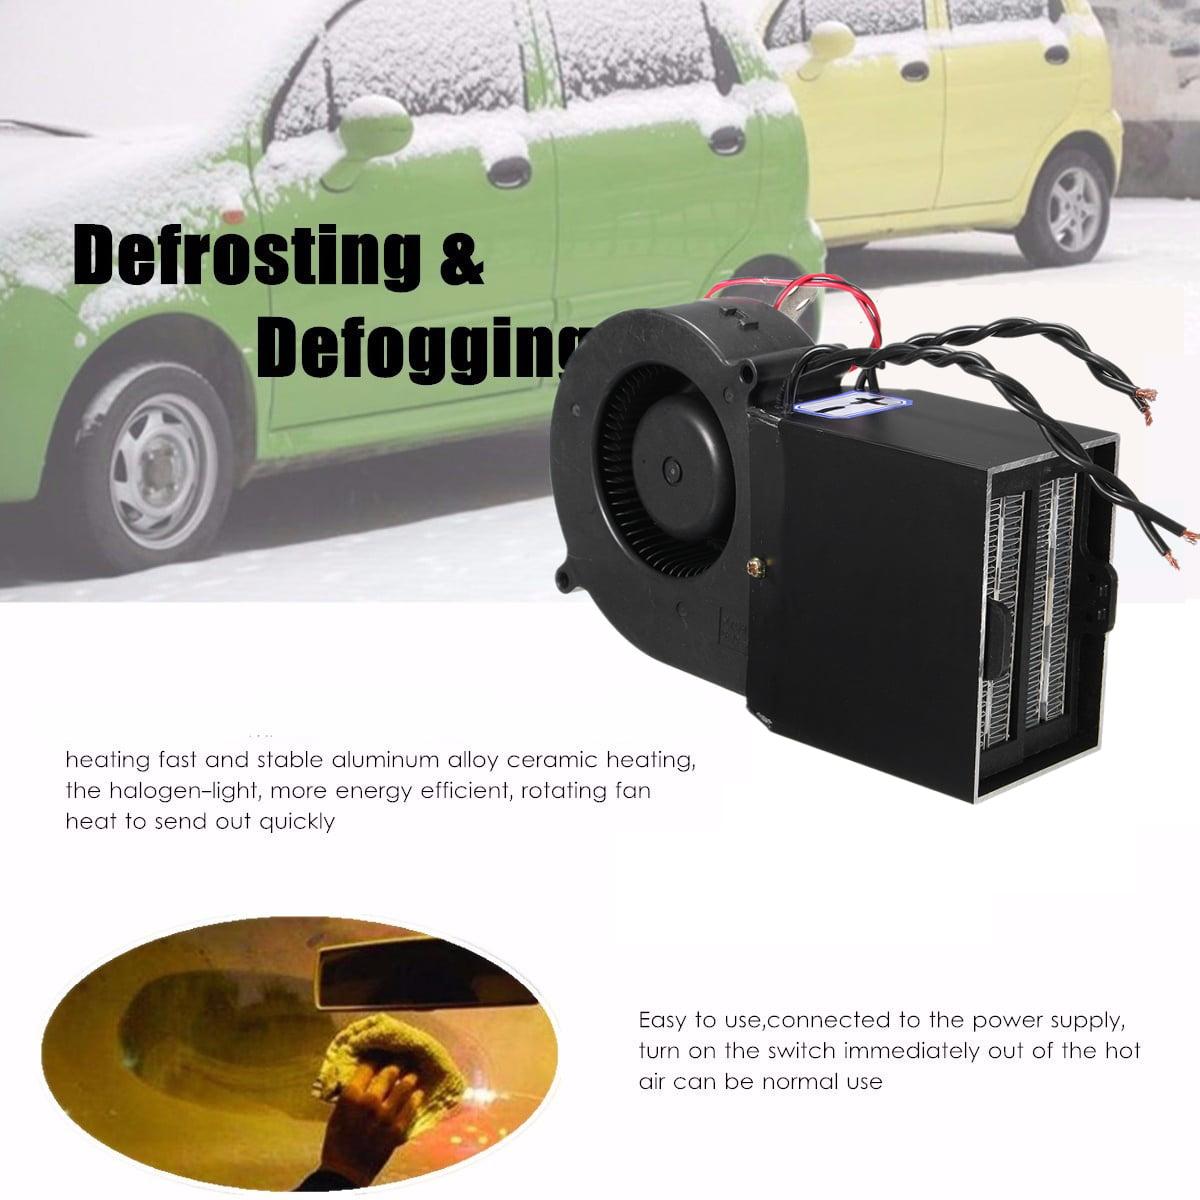 500w Ptc Safe Car Adjustable Heating Heater Hot Fan Defroster Demister Dc 12v Consumer Electronics